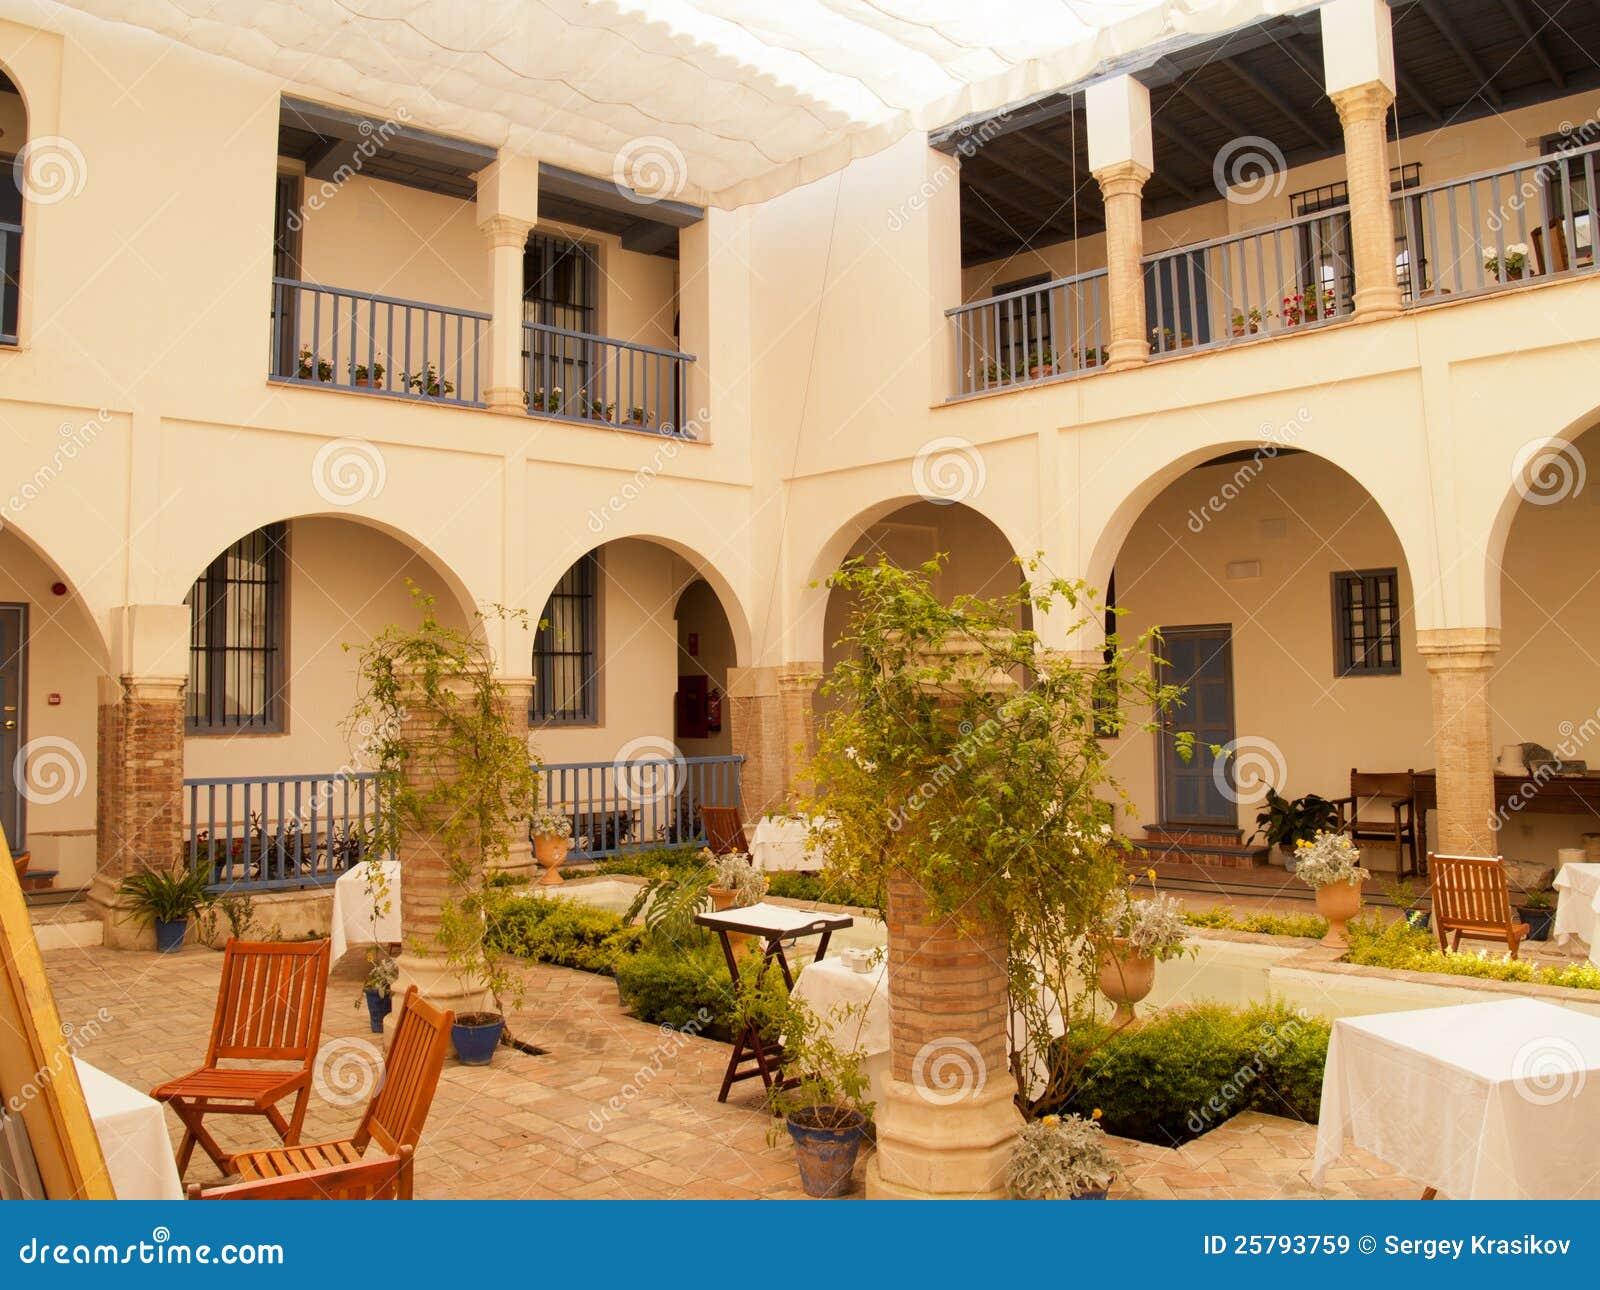 Giardino interno patio della casa storica a cordova - Immagini della casa ...